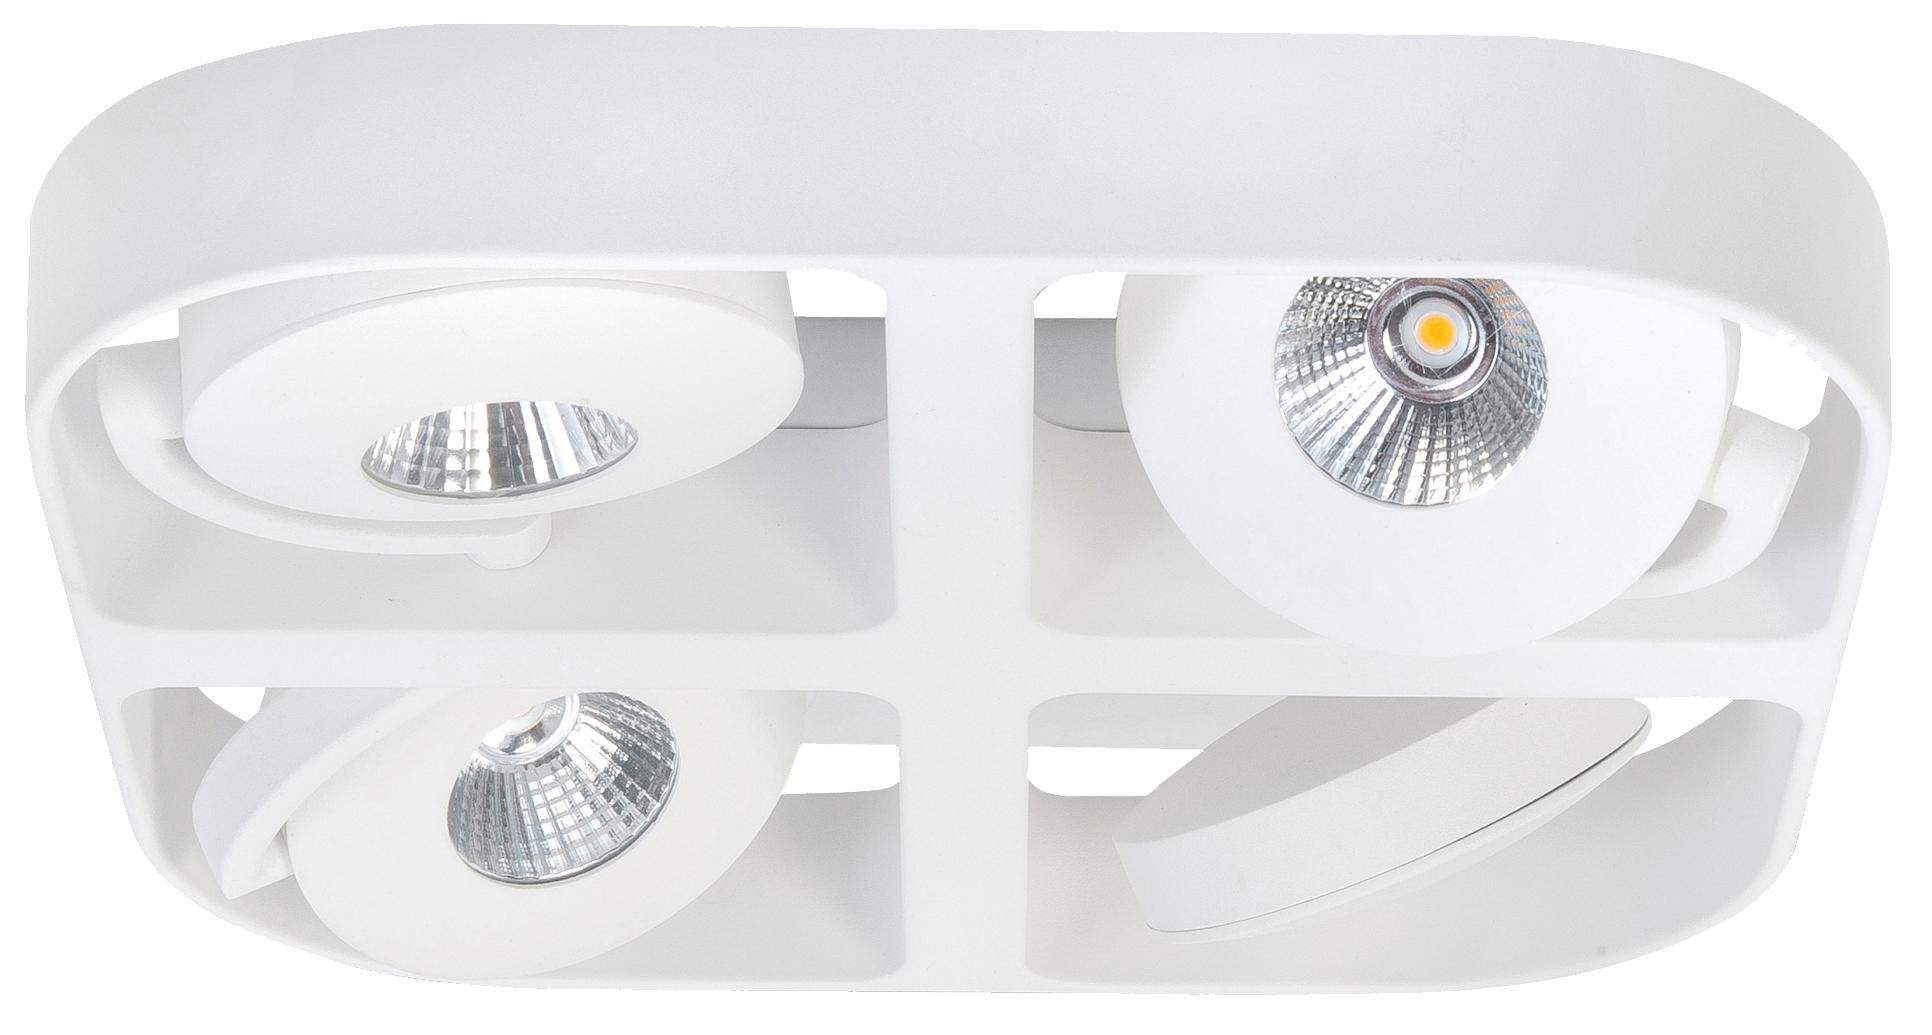 Wormskamp Licht & Interieur Doetinchem - Licht doet leven